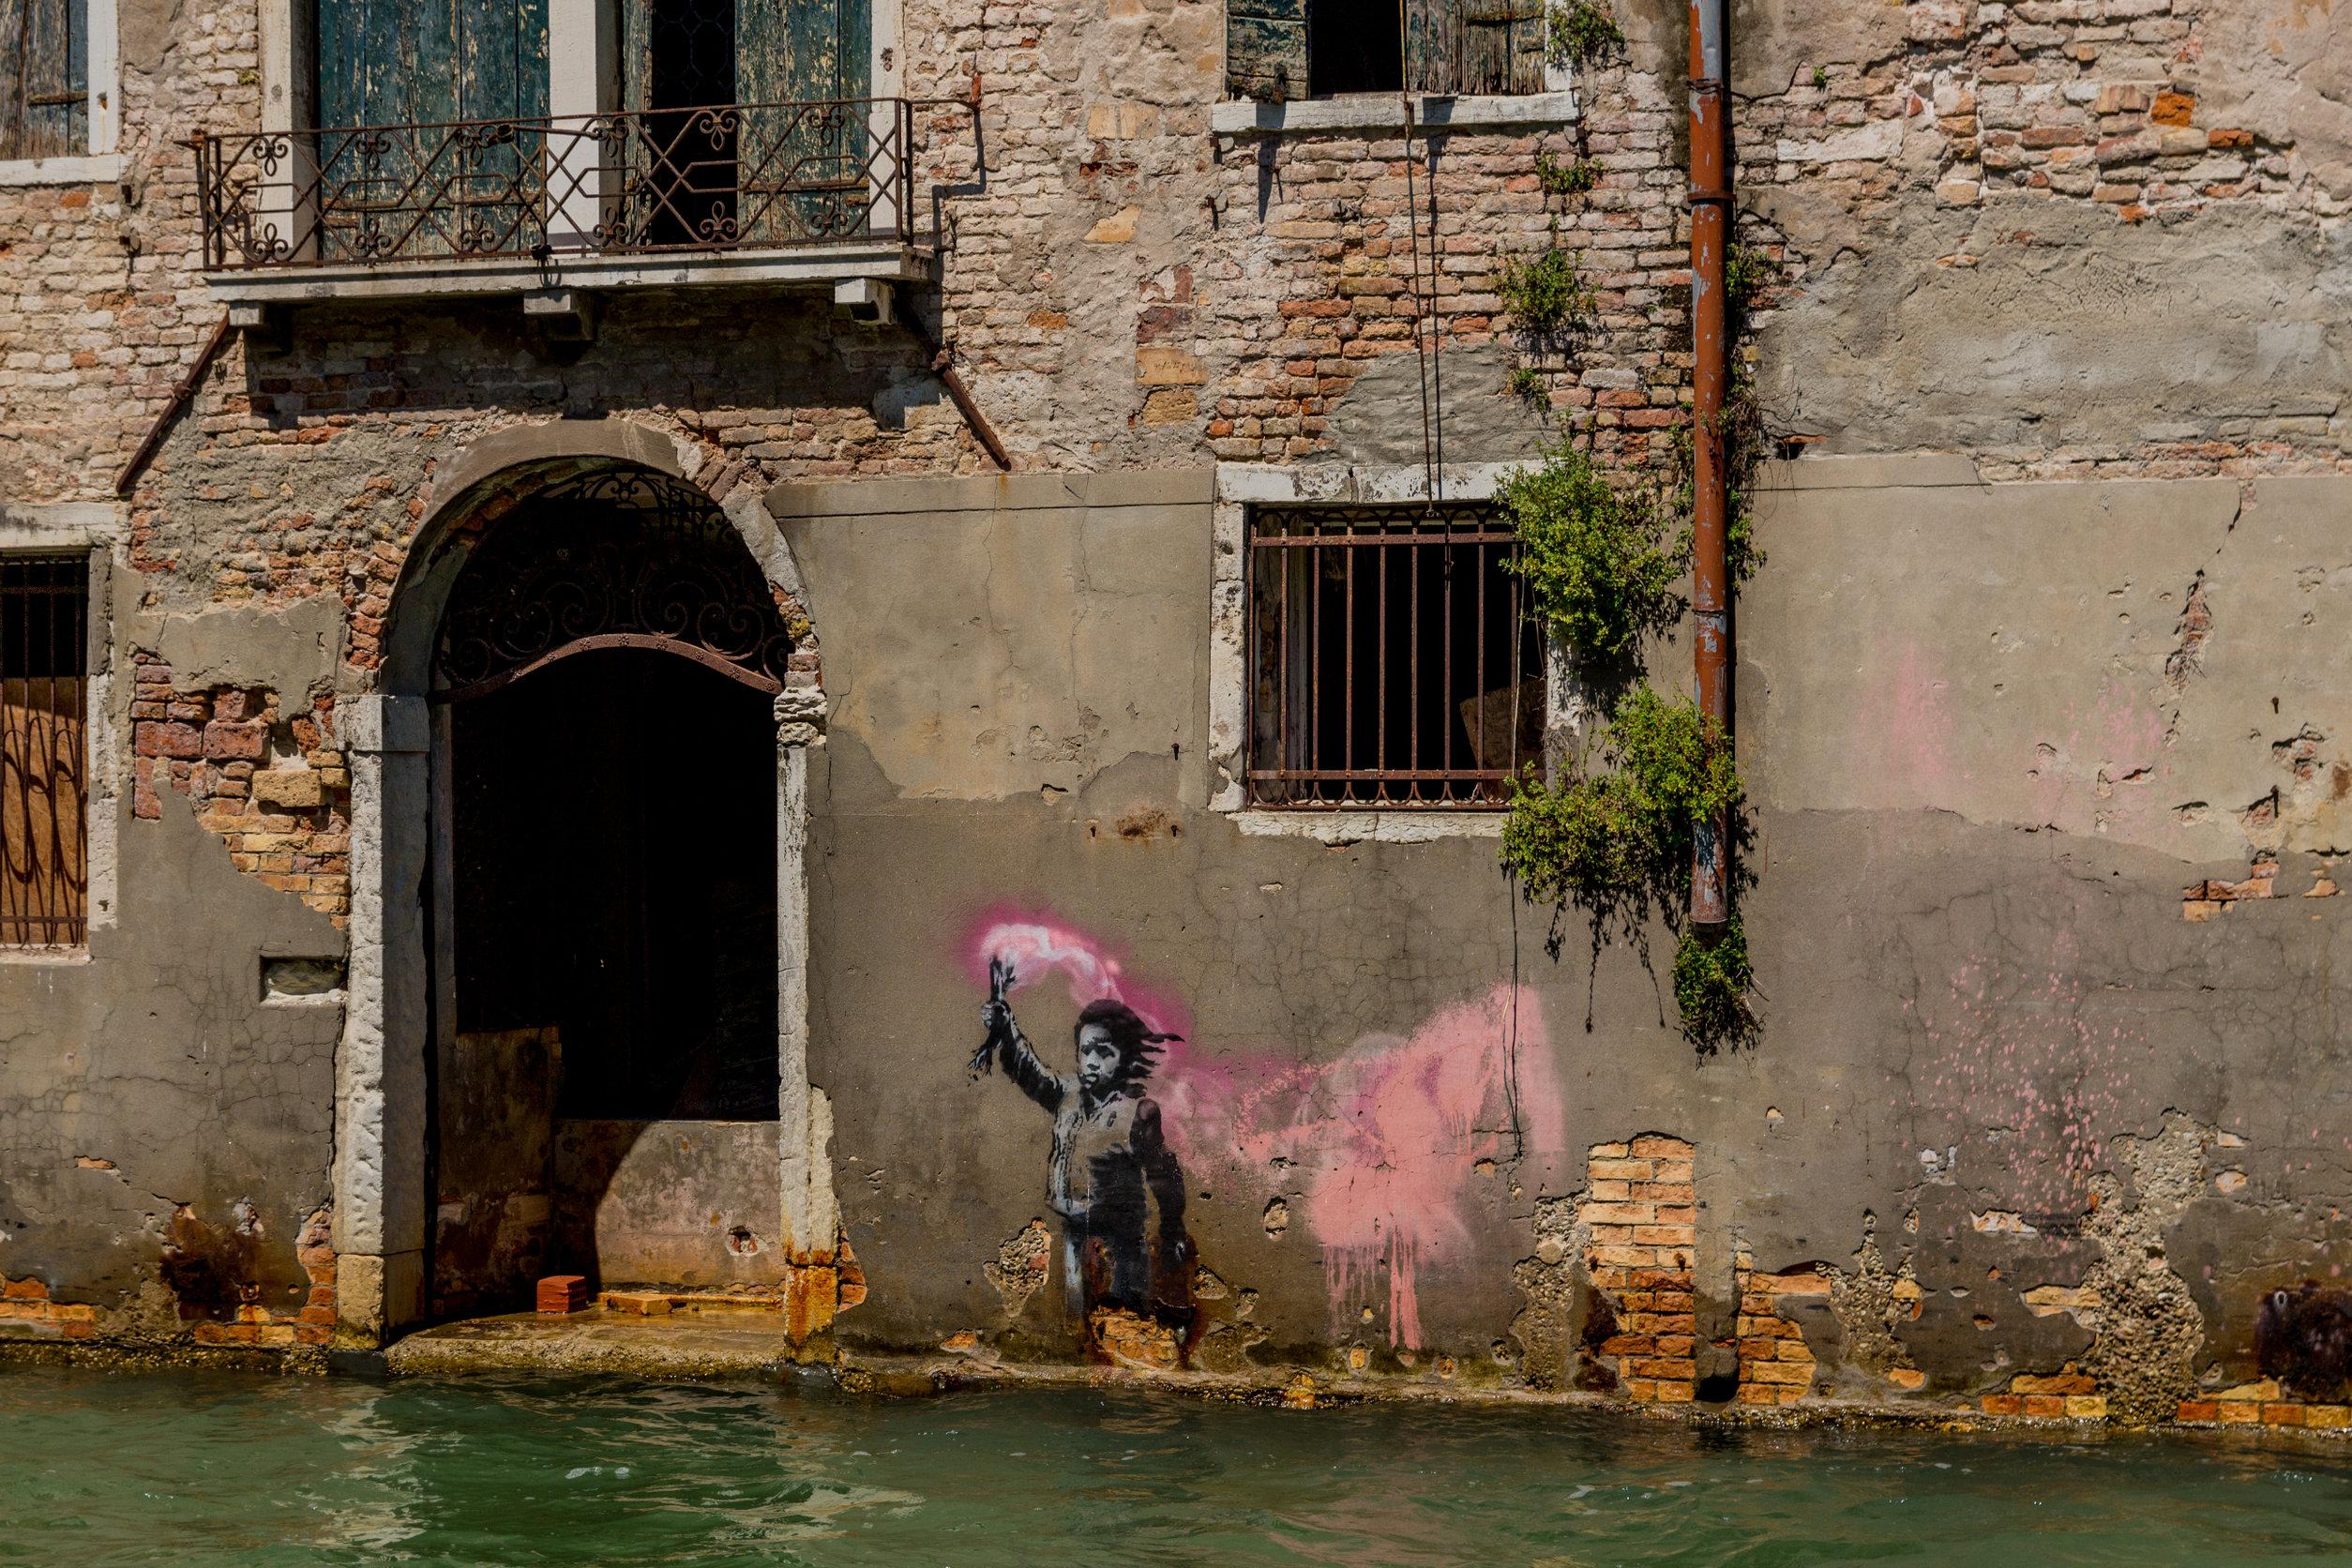 Pintores famosos actuales Banksy